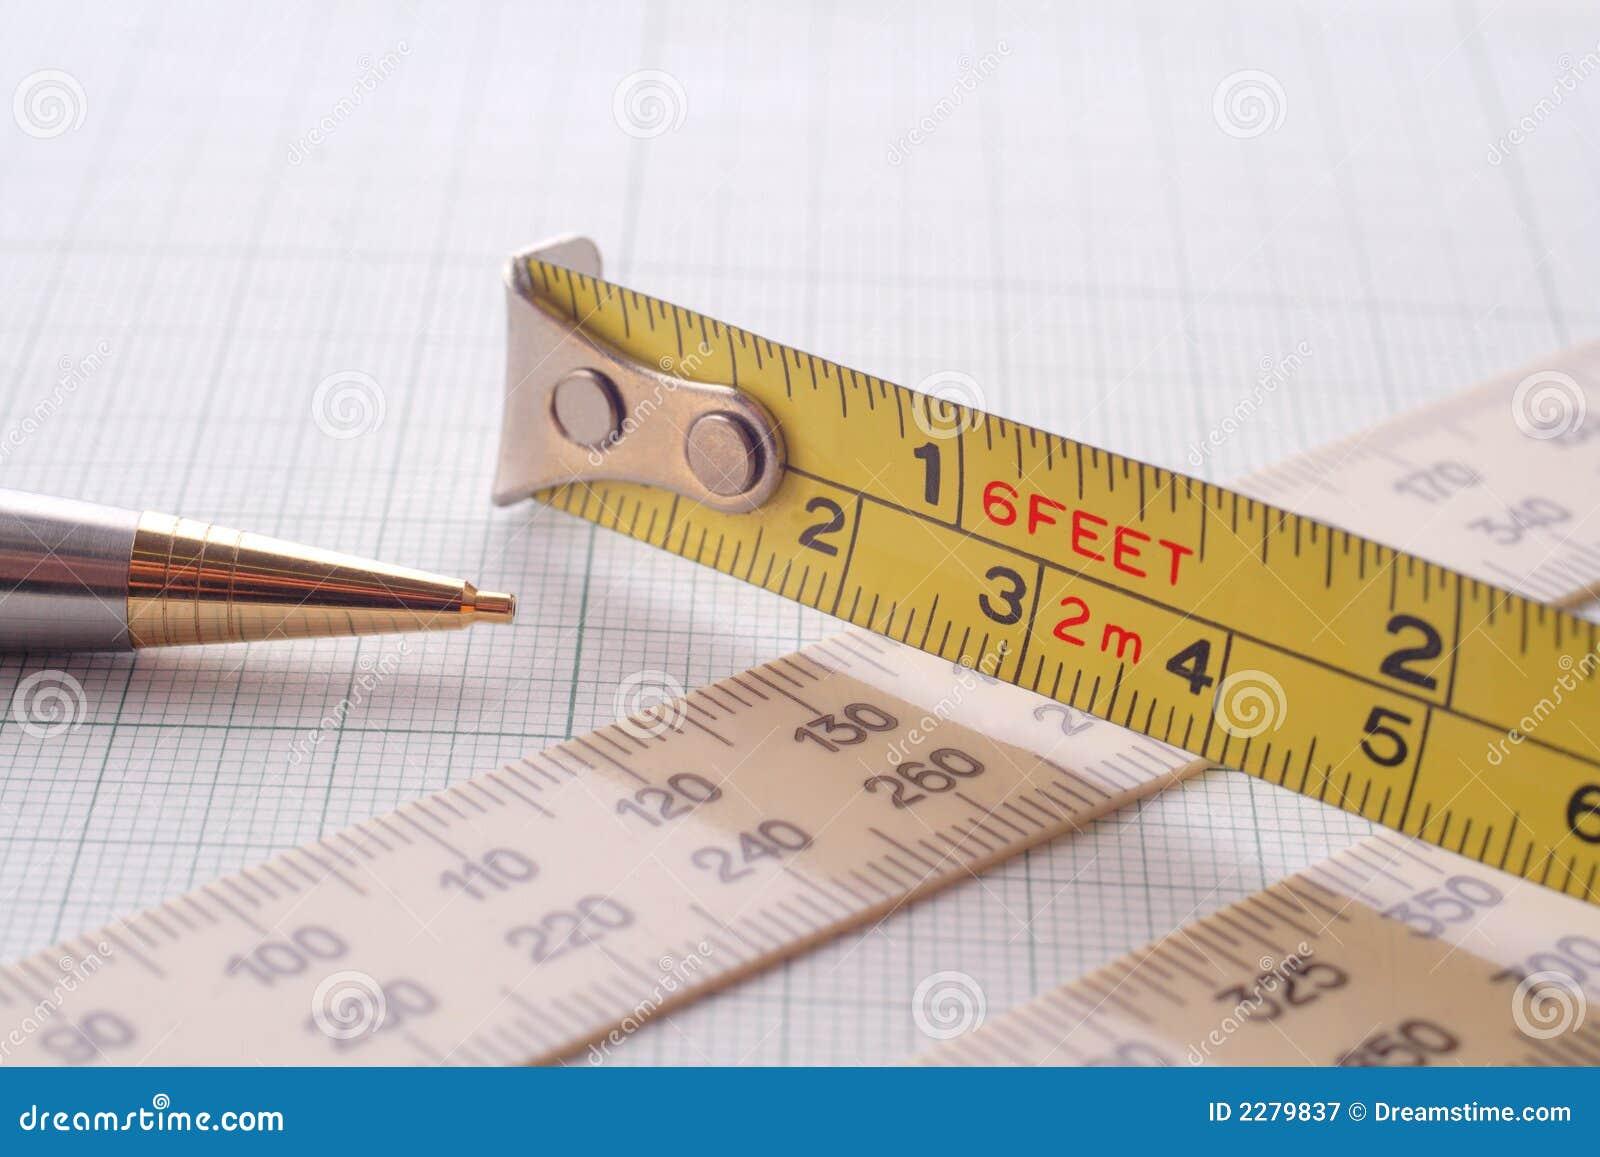 测量_测量milimeter纸铅笔速写的仪器.